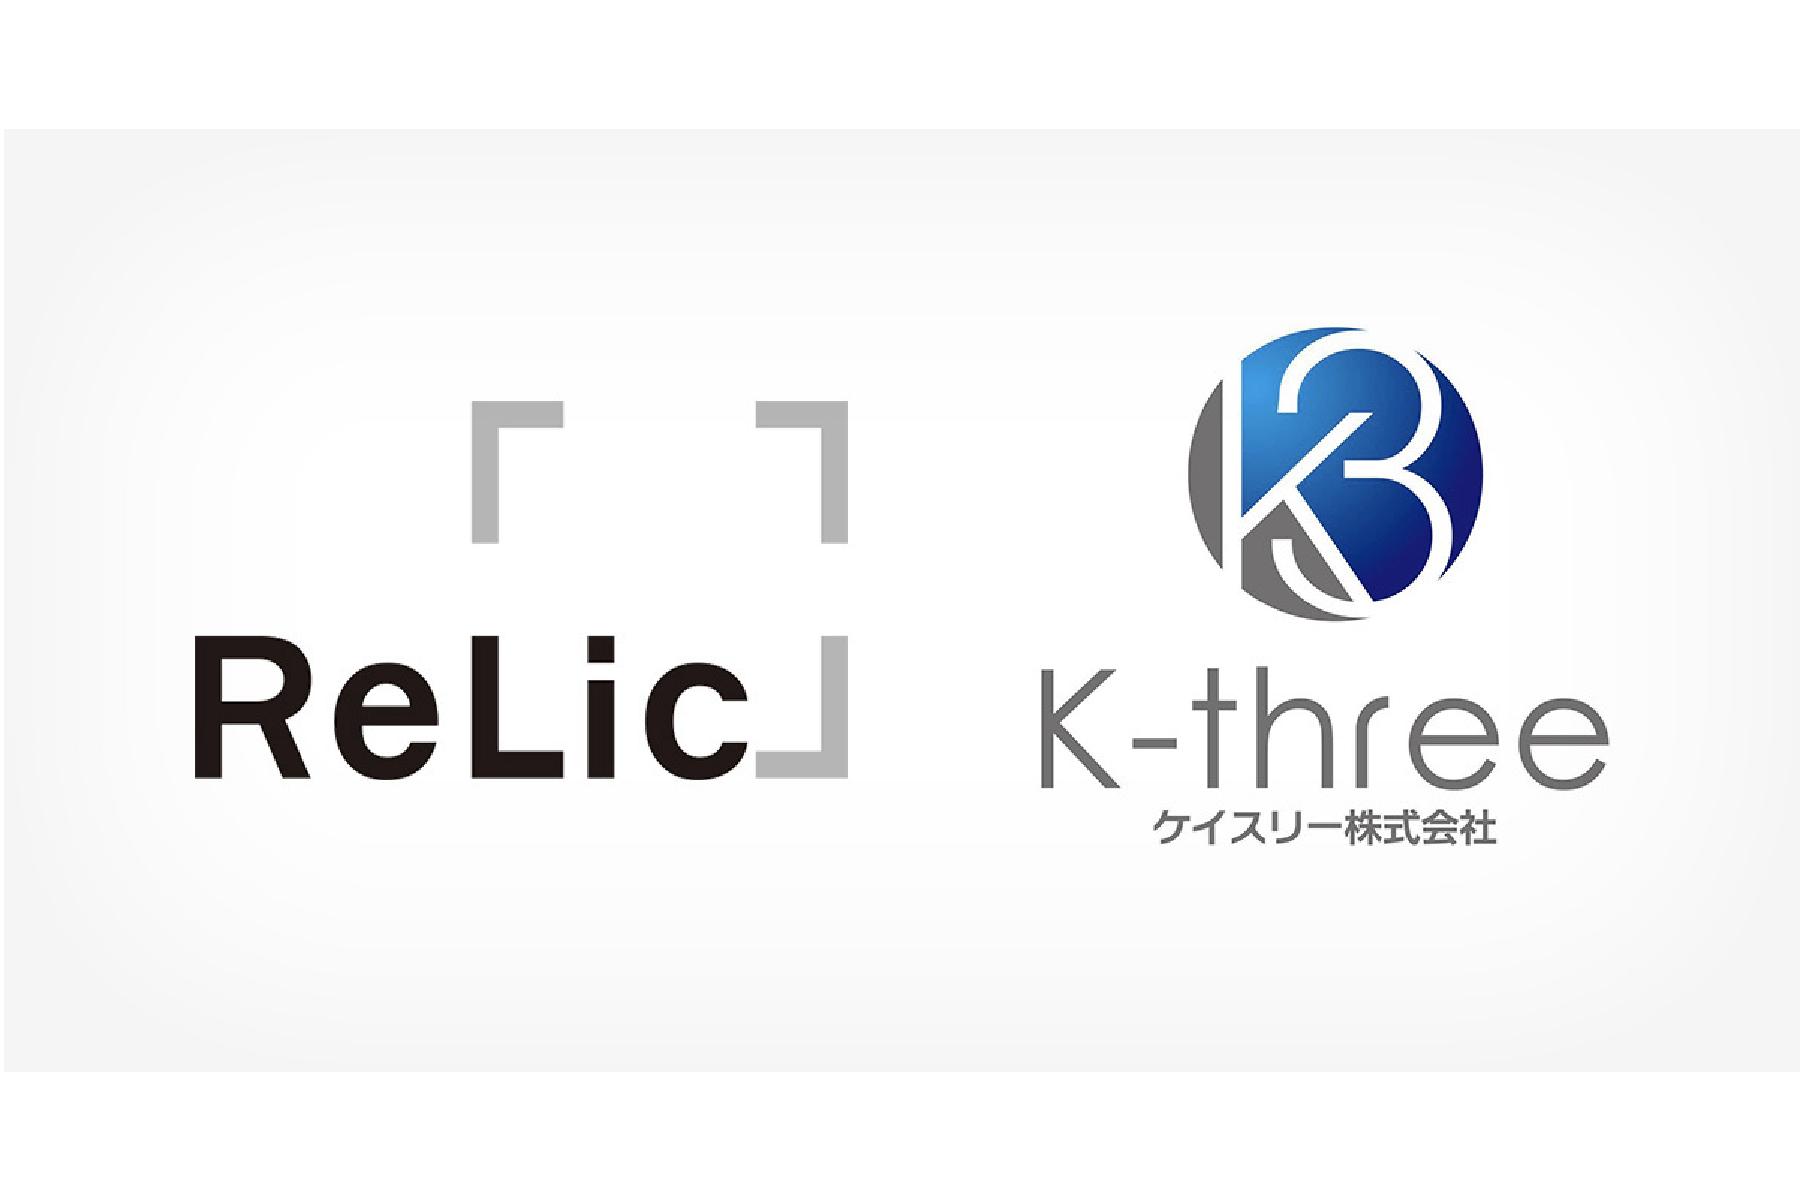 Relic×ケイスリー | withコロナ/アフターコロナにおける社会課題解決に向けた行政と民間の共創を実現するプラットフォームを提供開始